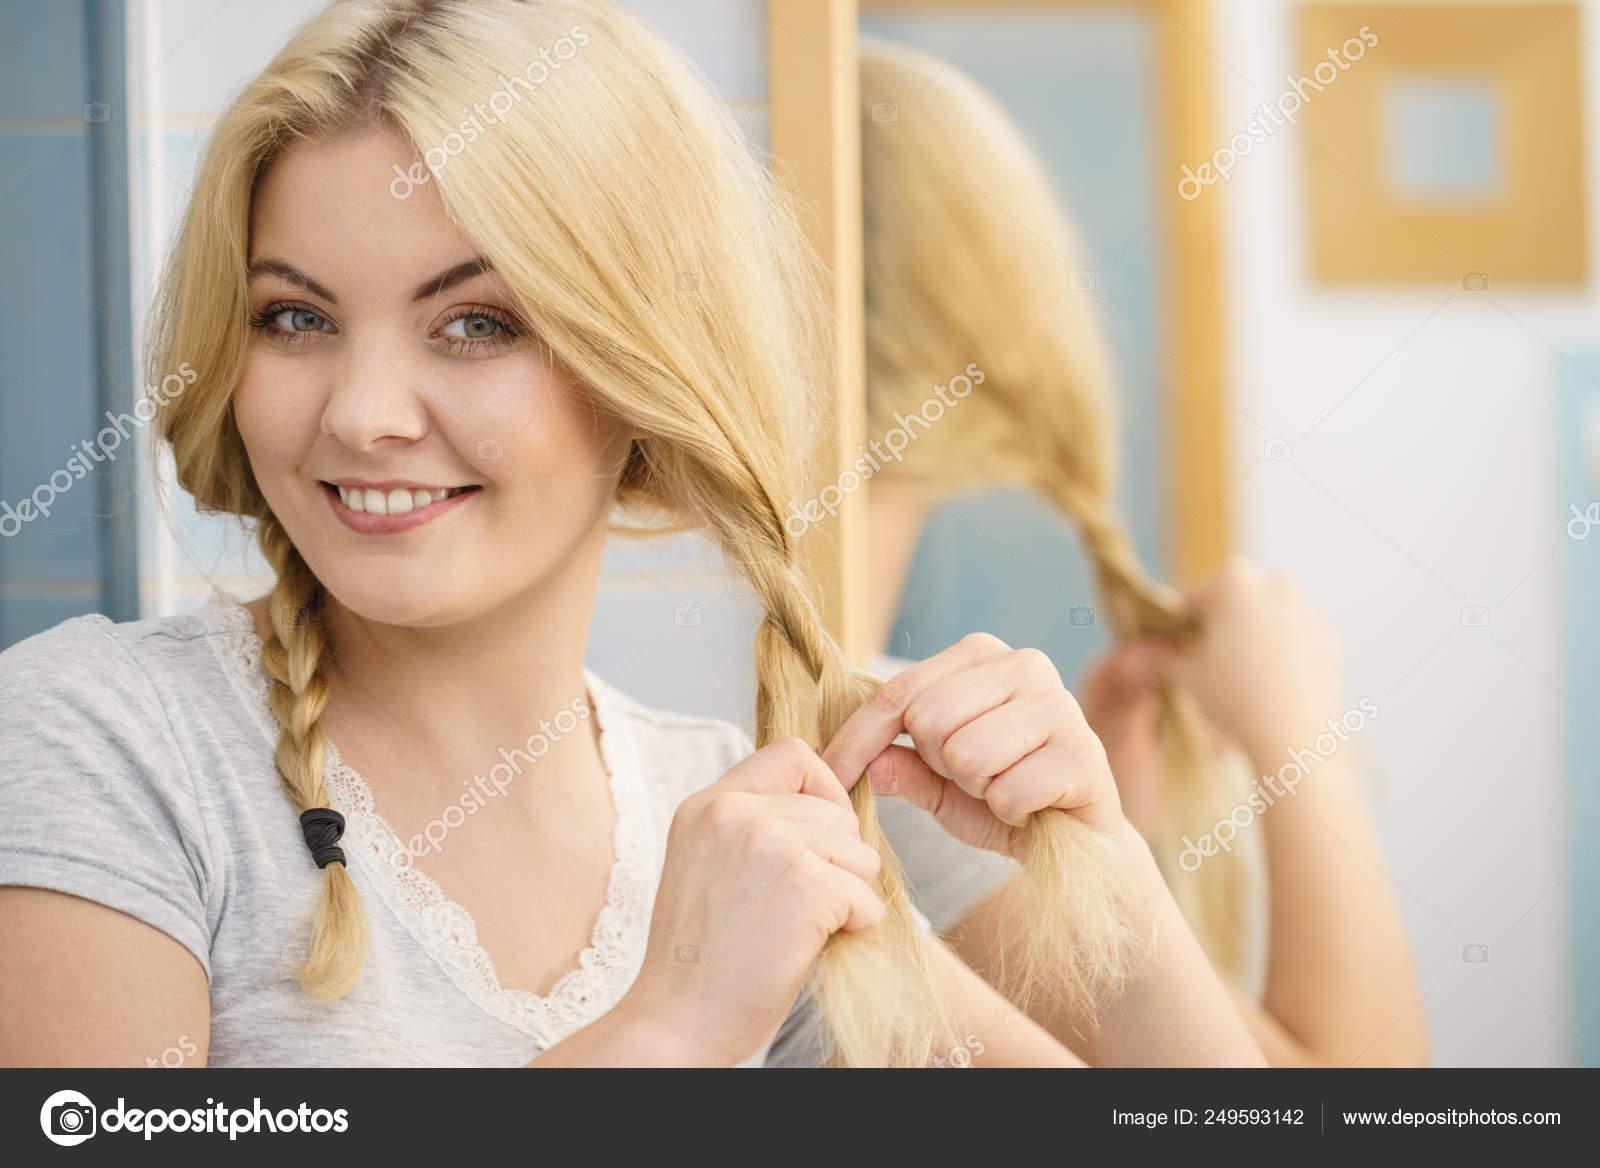 junge blonde mädchen mit zöpfen